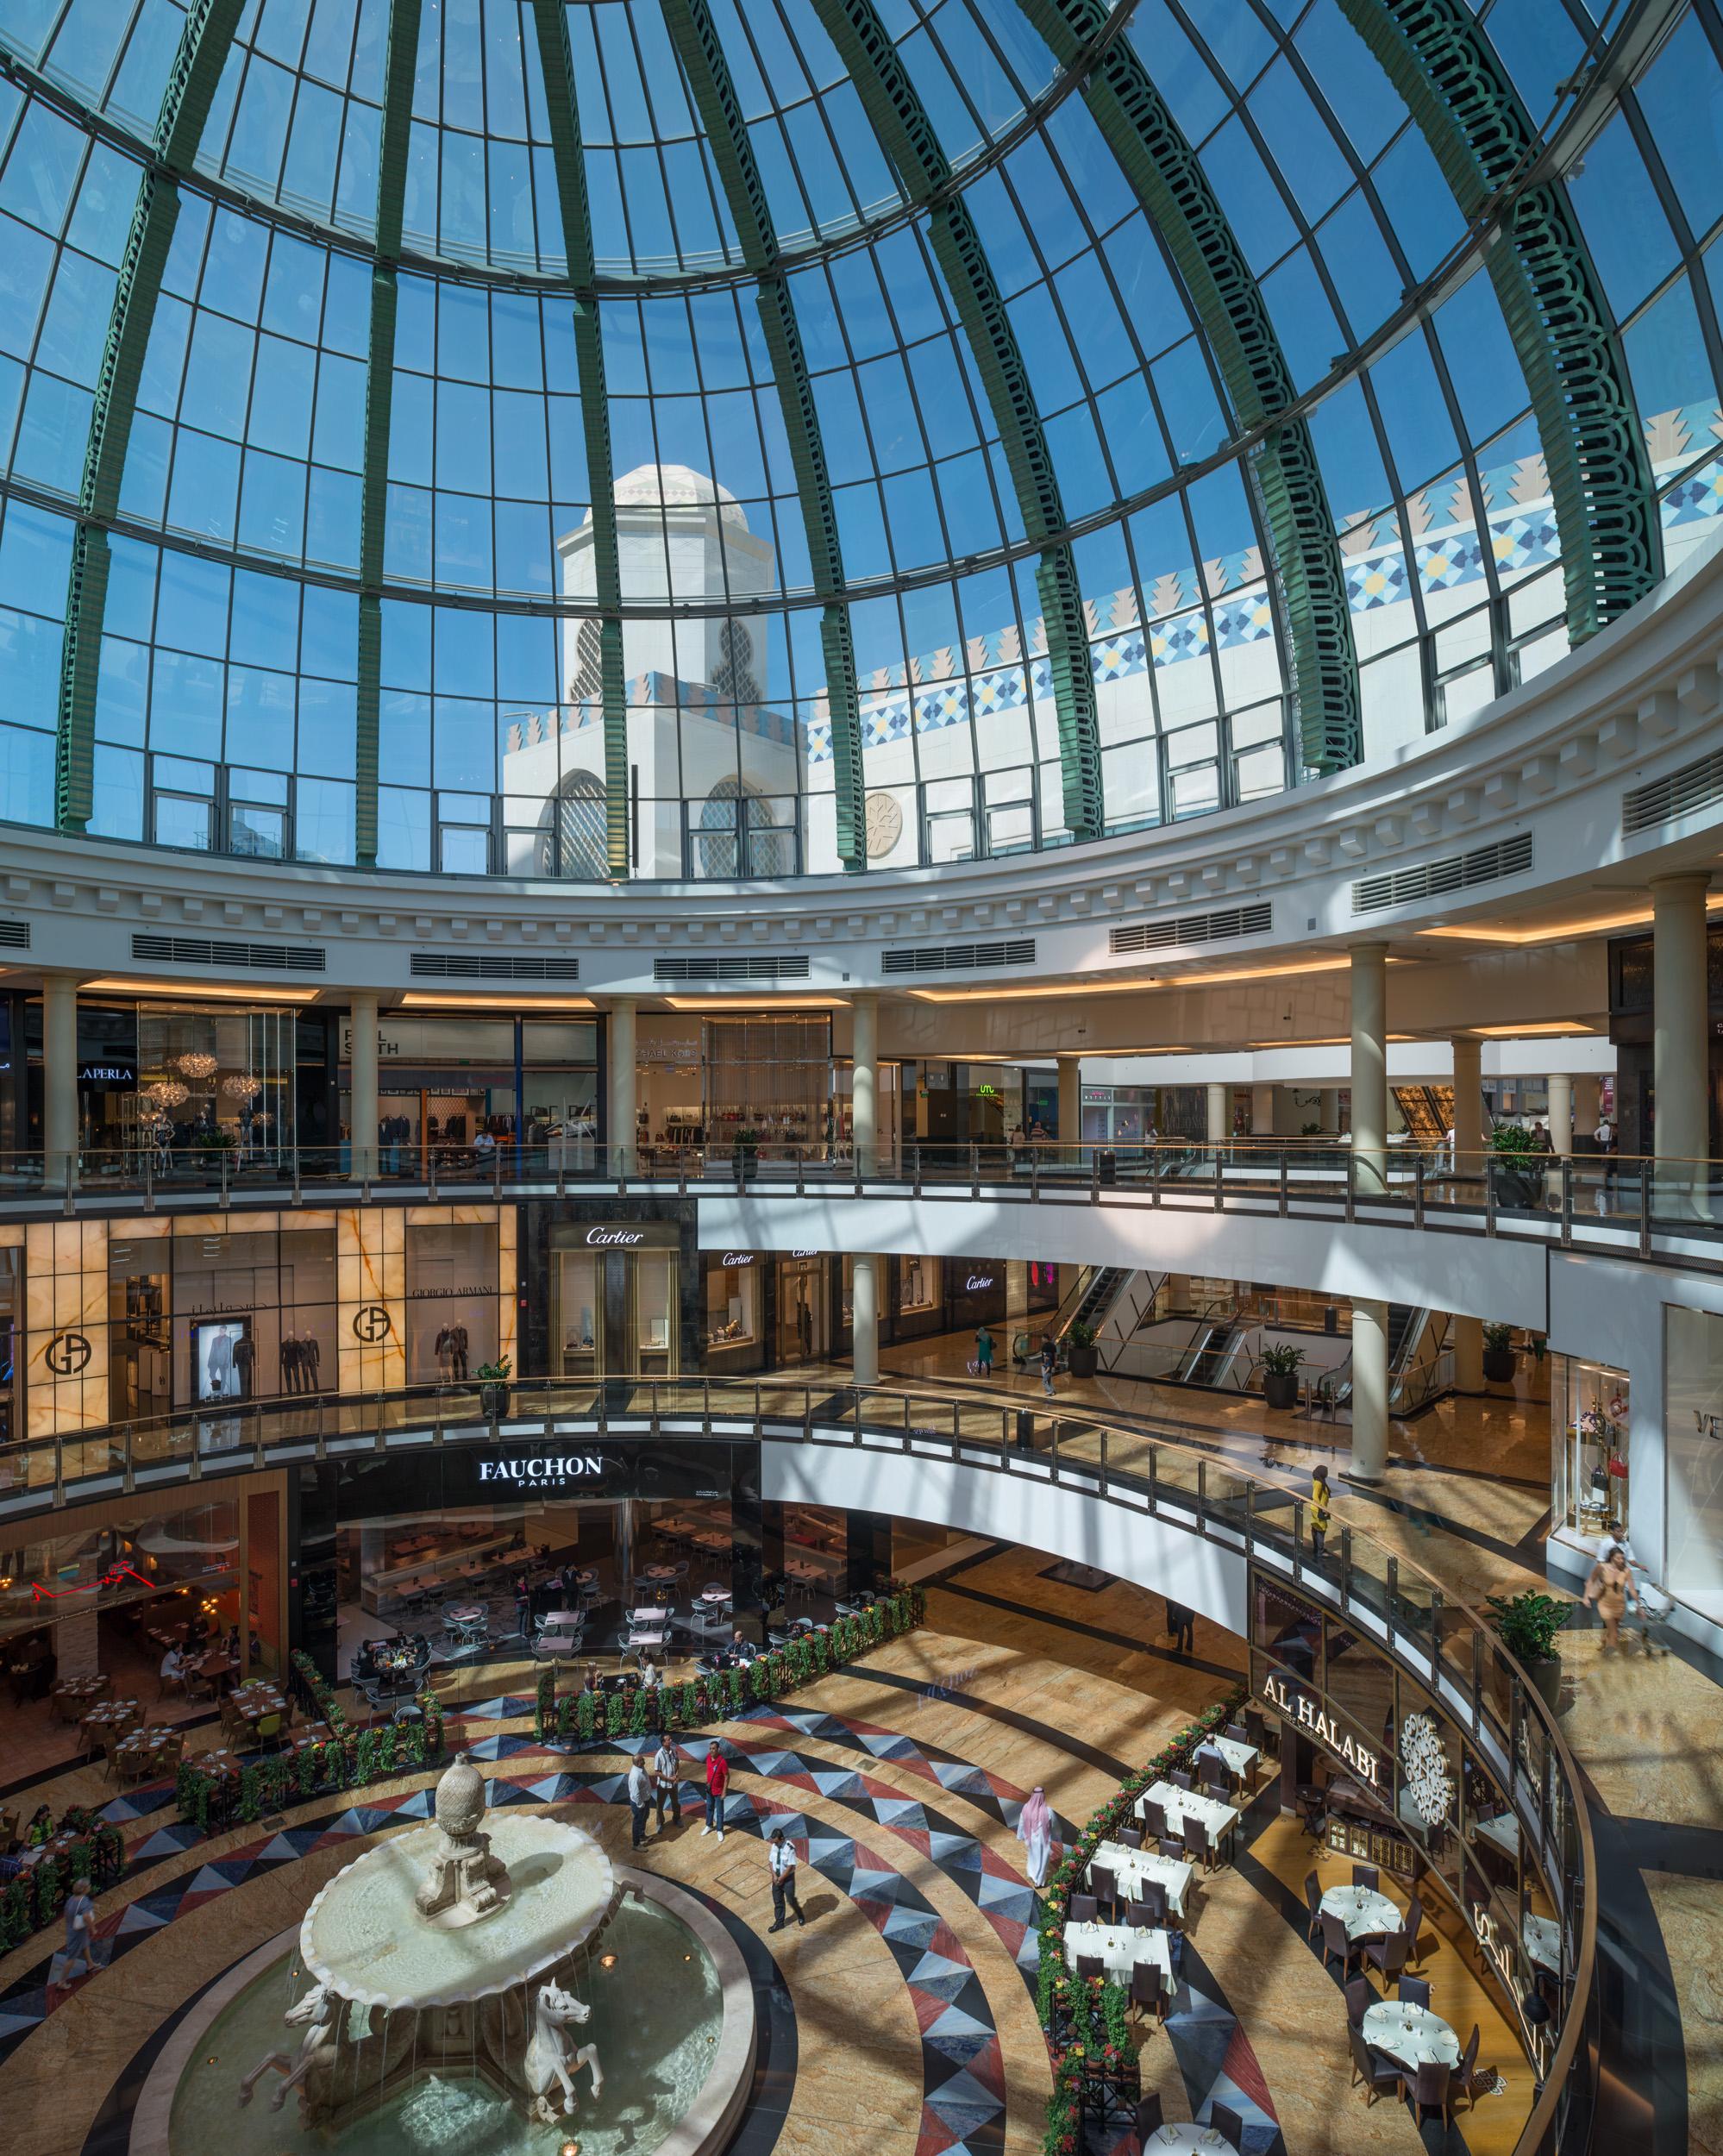 Mall of the Emirates - Dubai